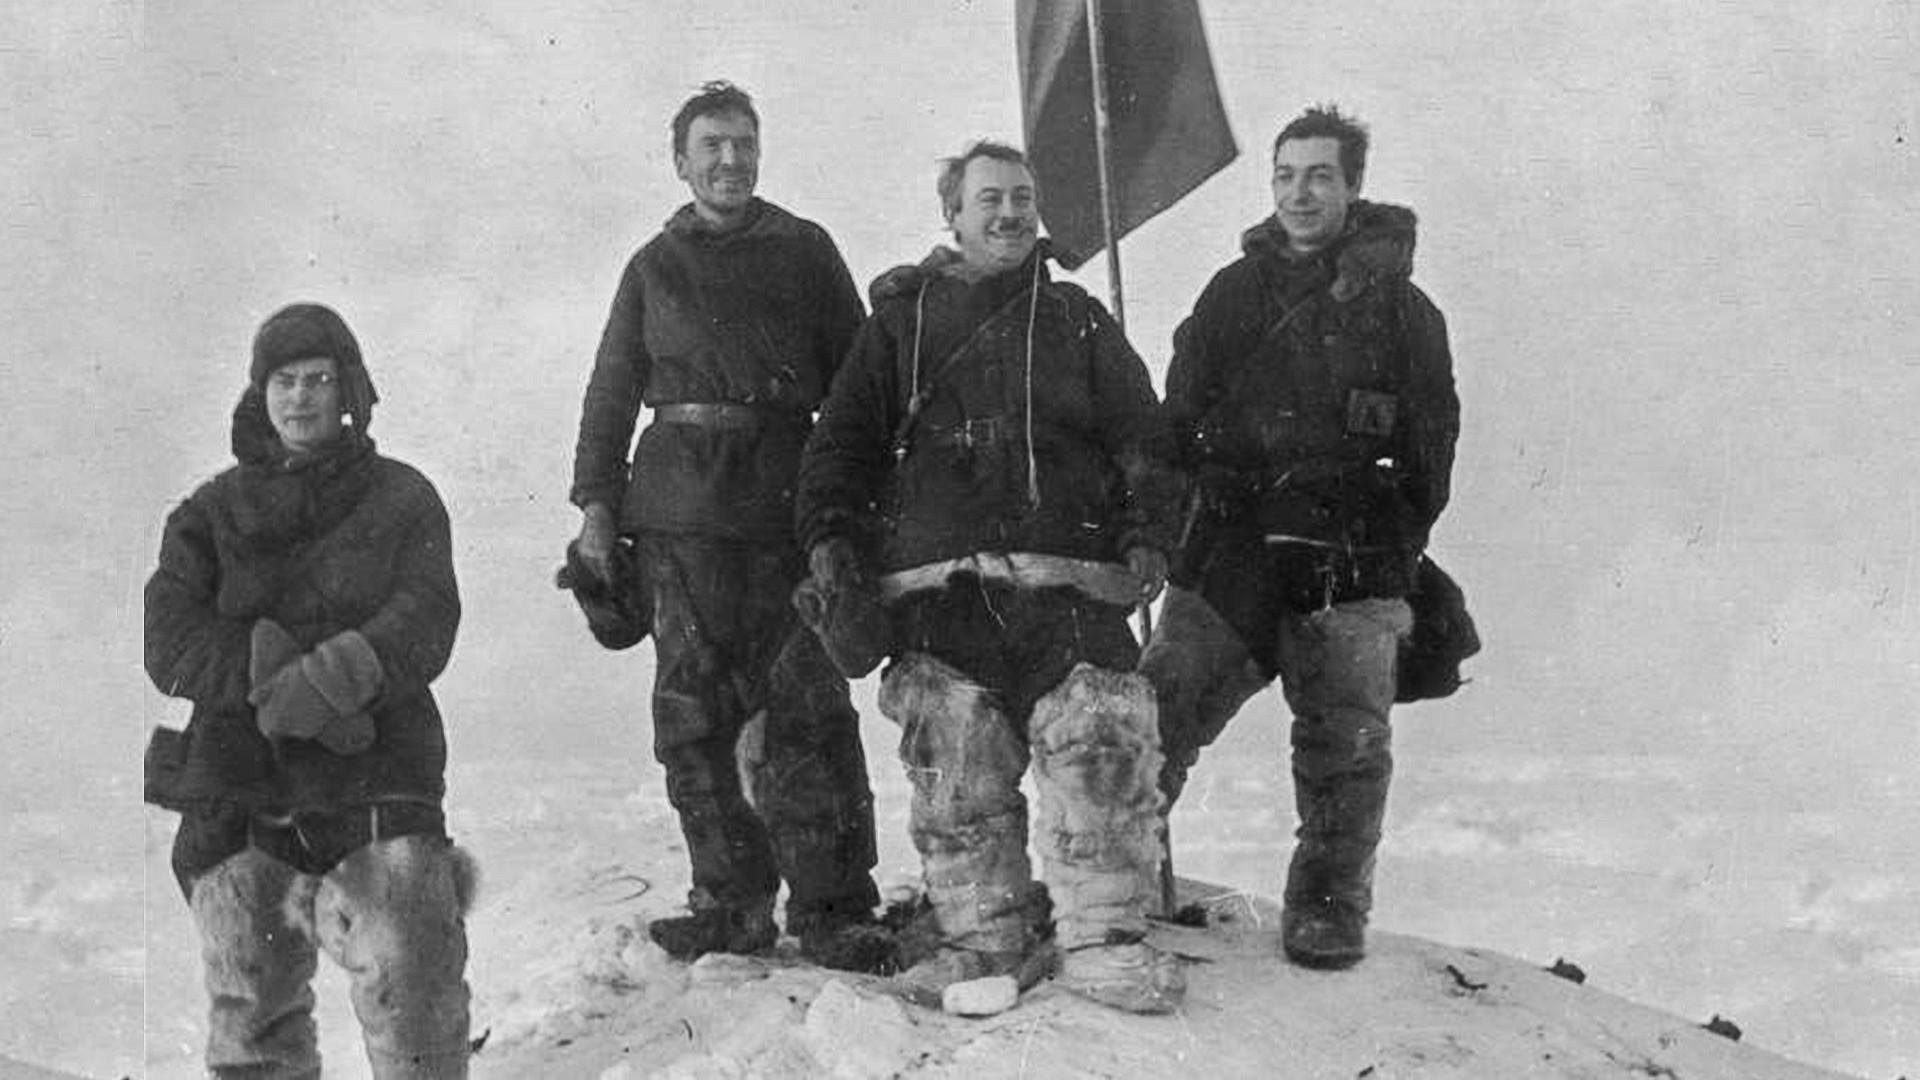 水生生物学者・海洋学者のピョートル・シルショフ、無線技士のエルンスト・クレンケリ、イワン・パパーニン隊長、気象学者・地球物理学者のエヴゲーニー・フョードロフ